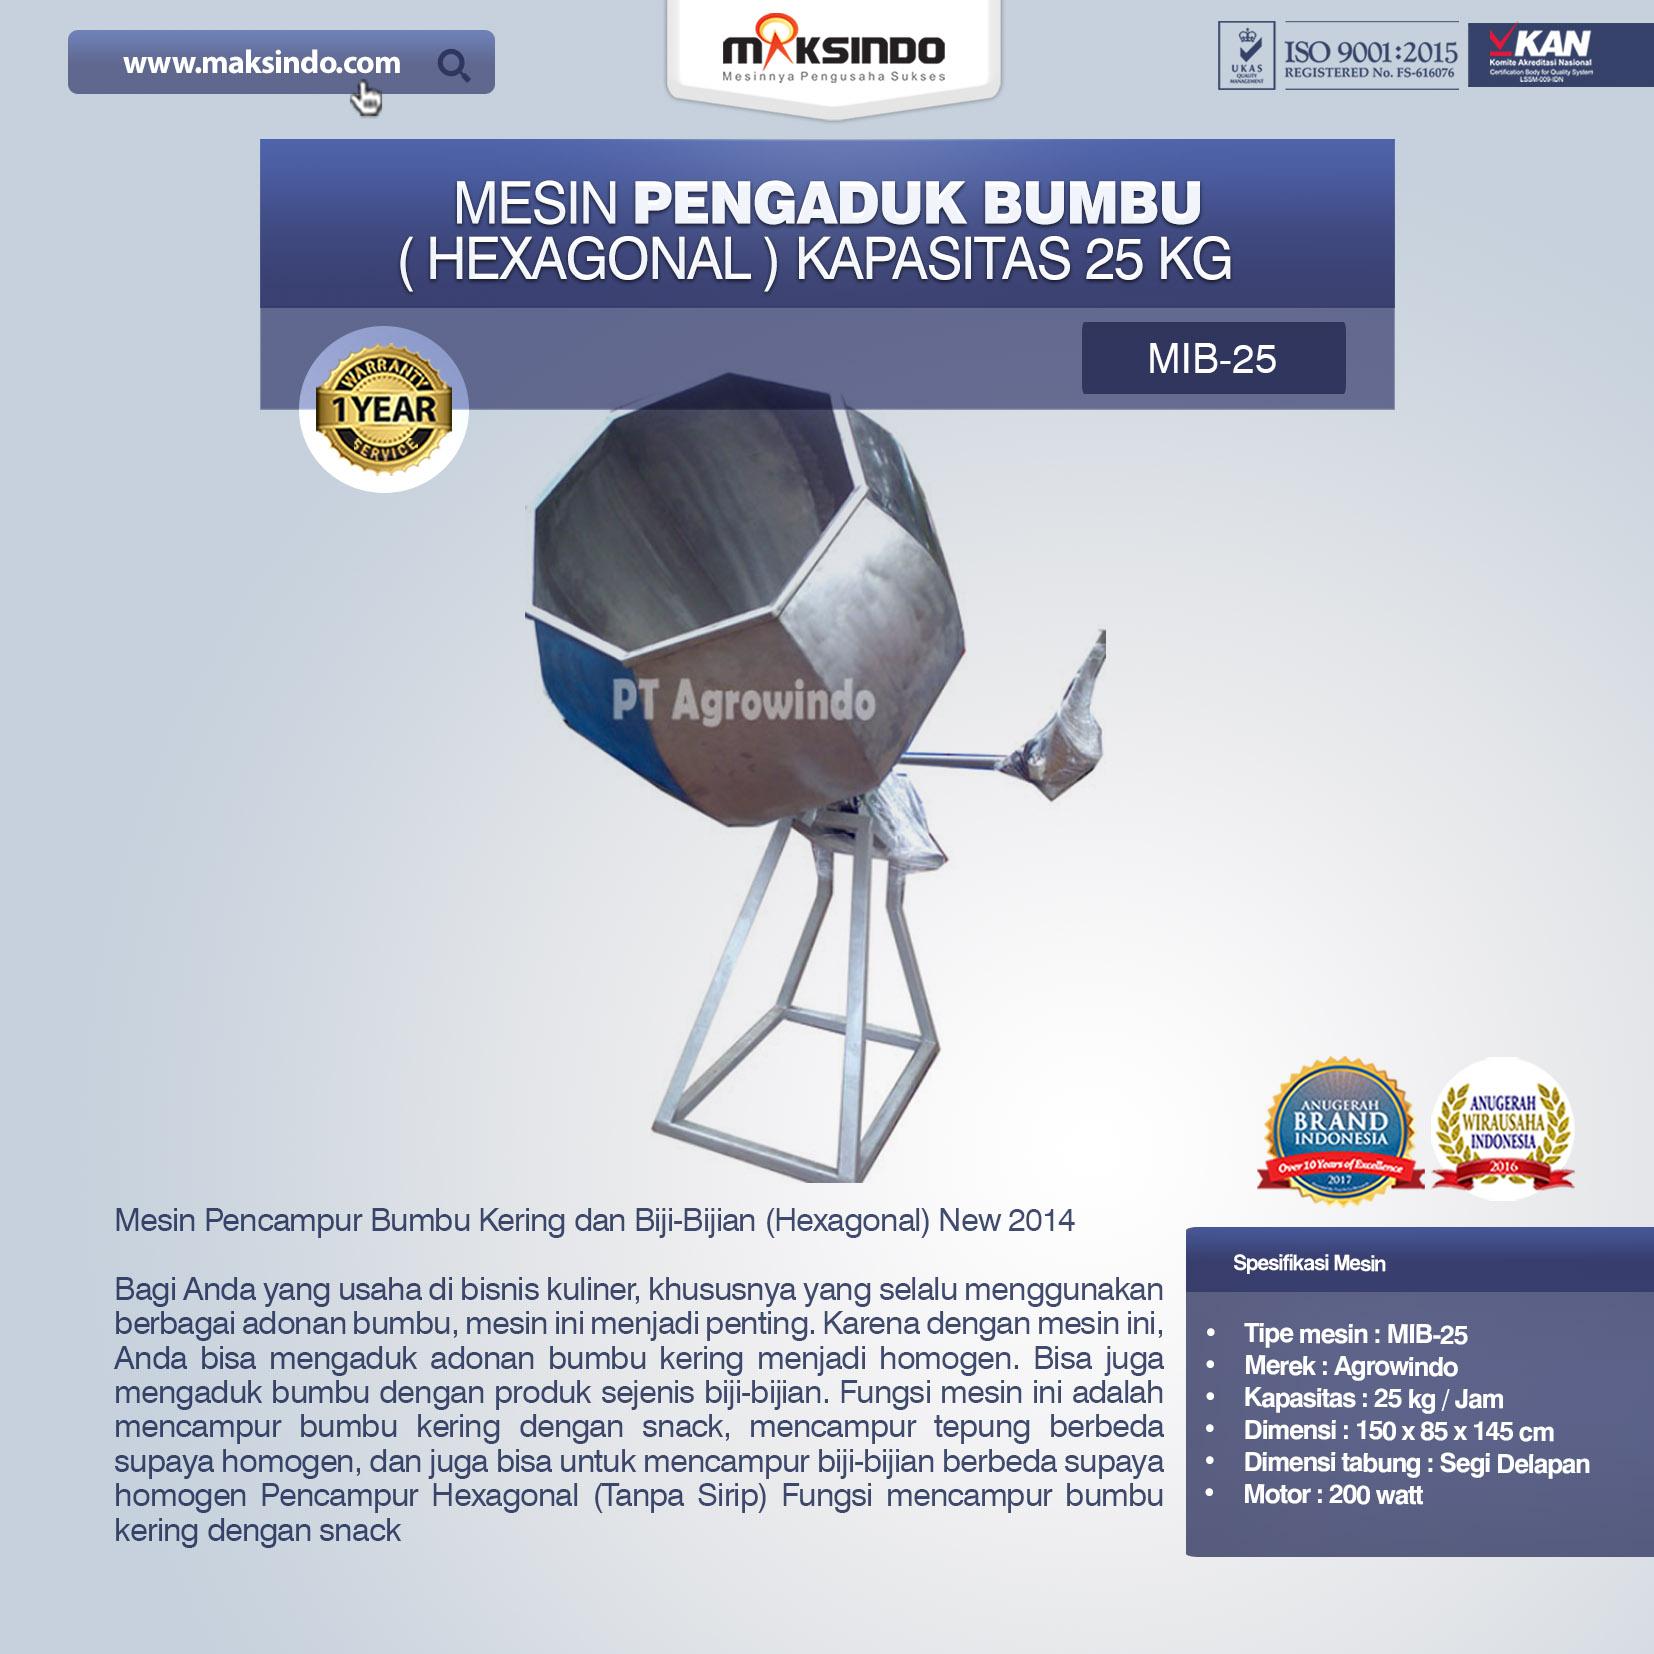 Mesin Pengaduk Bumbu Hexagonal Kapasitas 25 kg